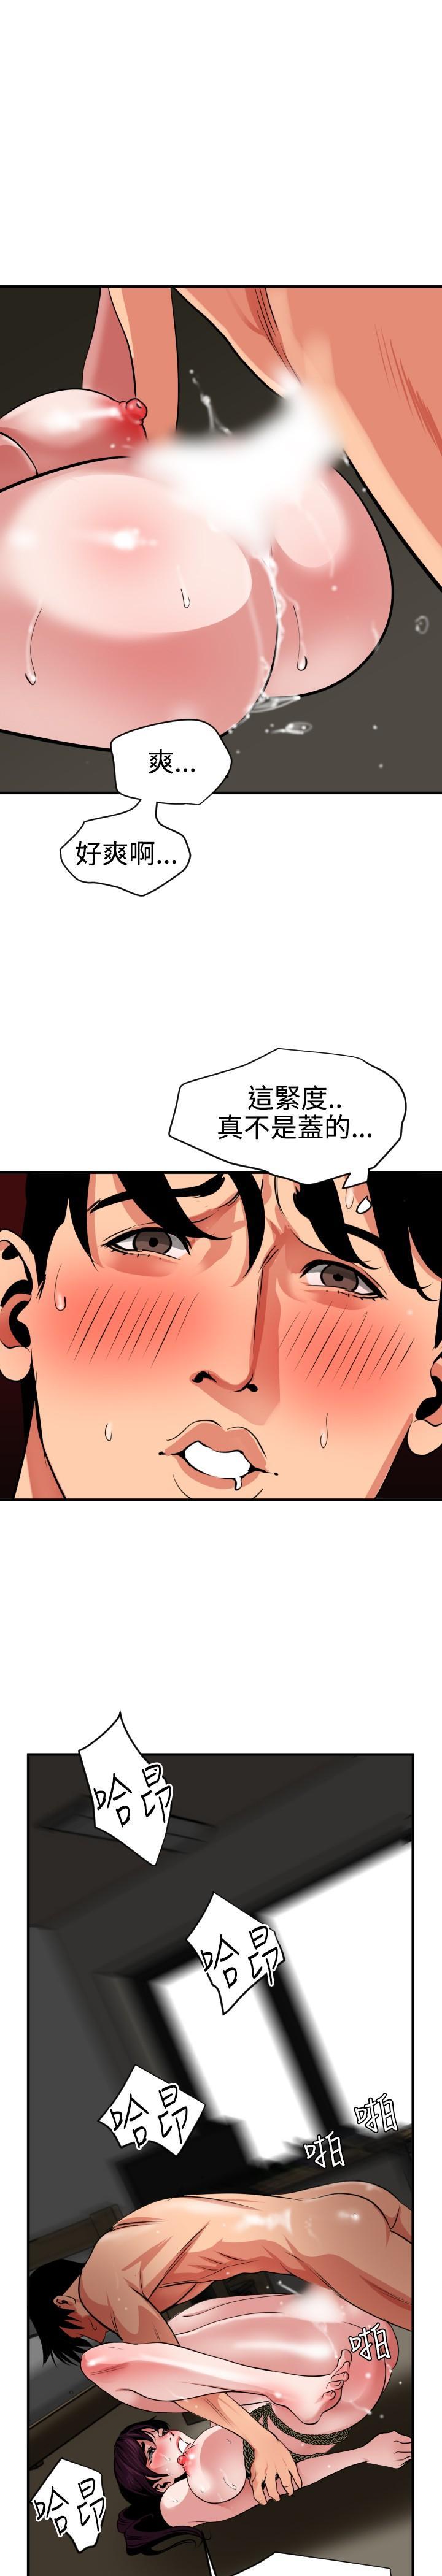 Desire King 欲求王 Ch.41~52 239